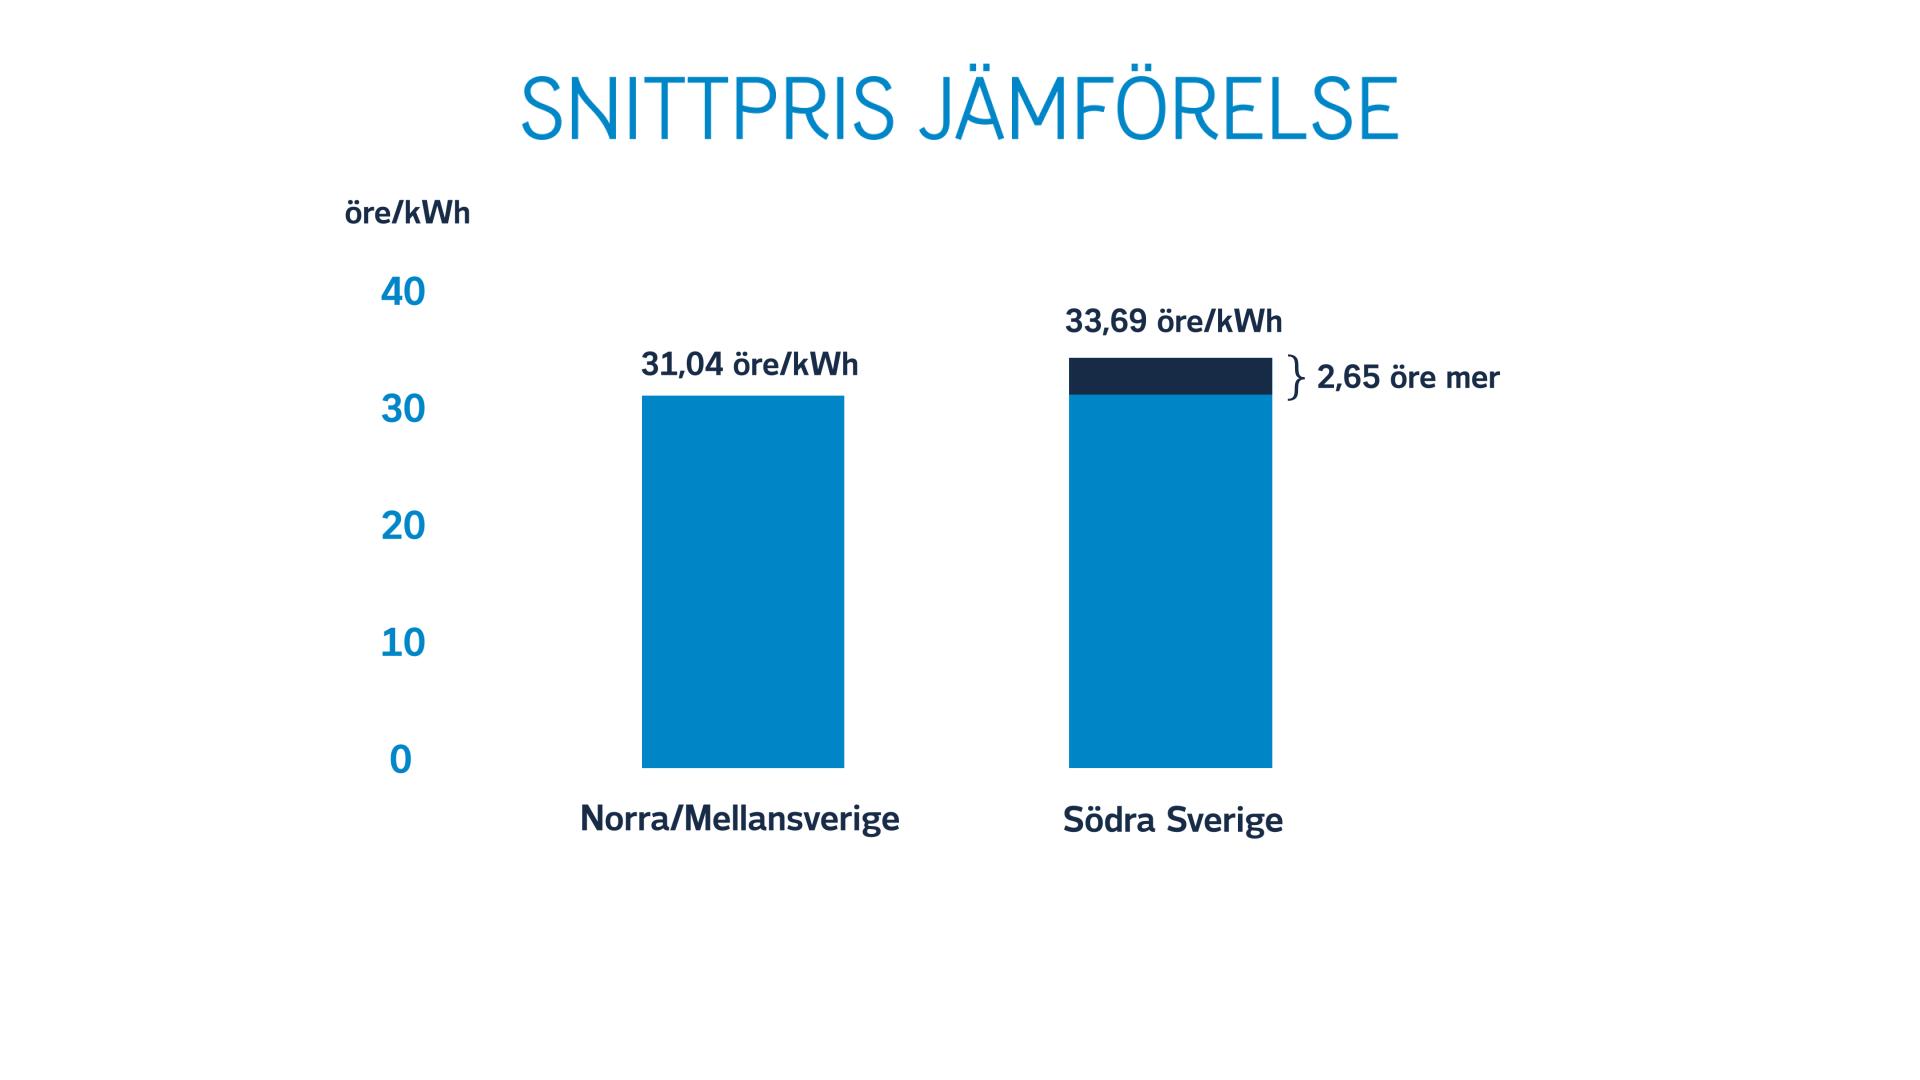 Snittpris jämförelse norra södra Sverige 171129 (PDF)